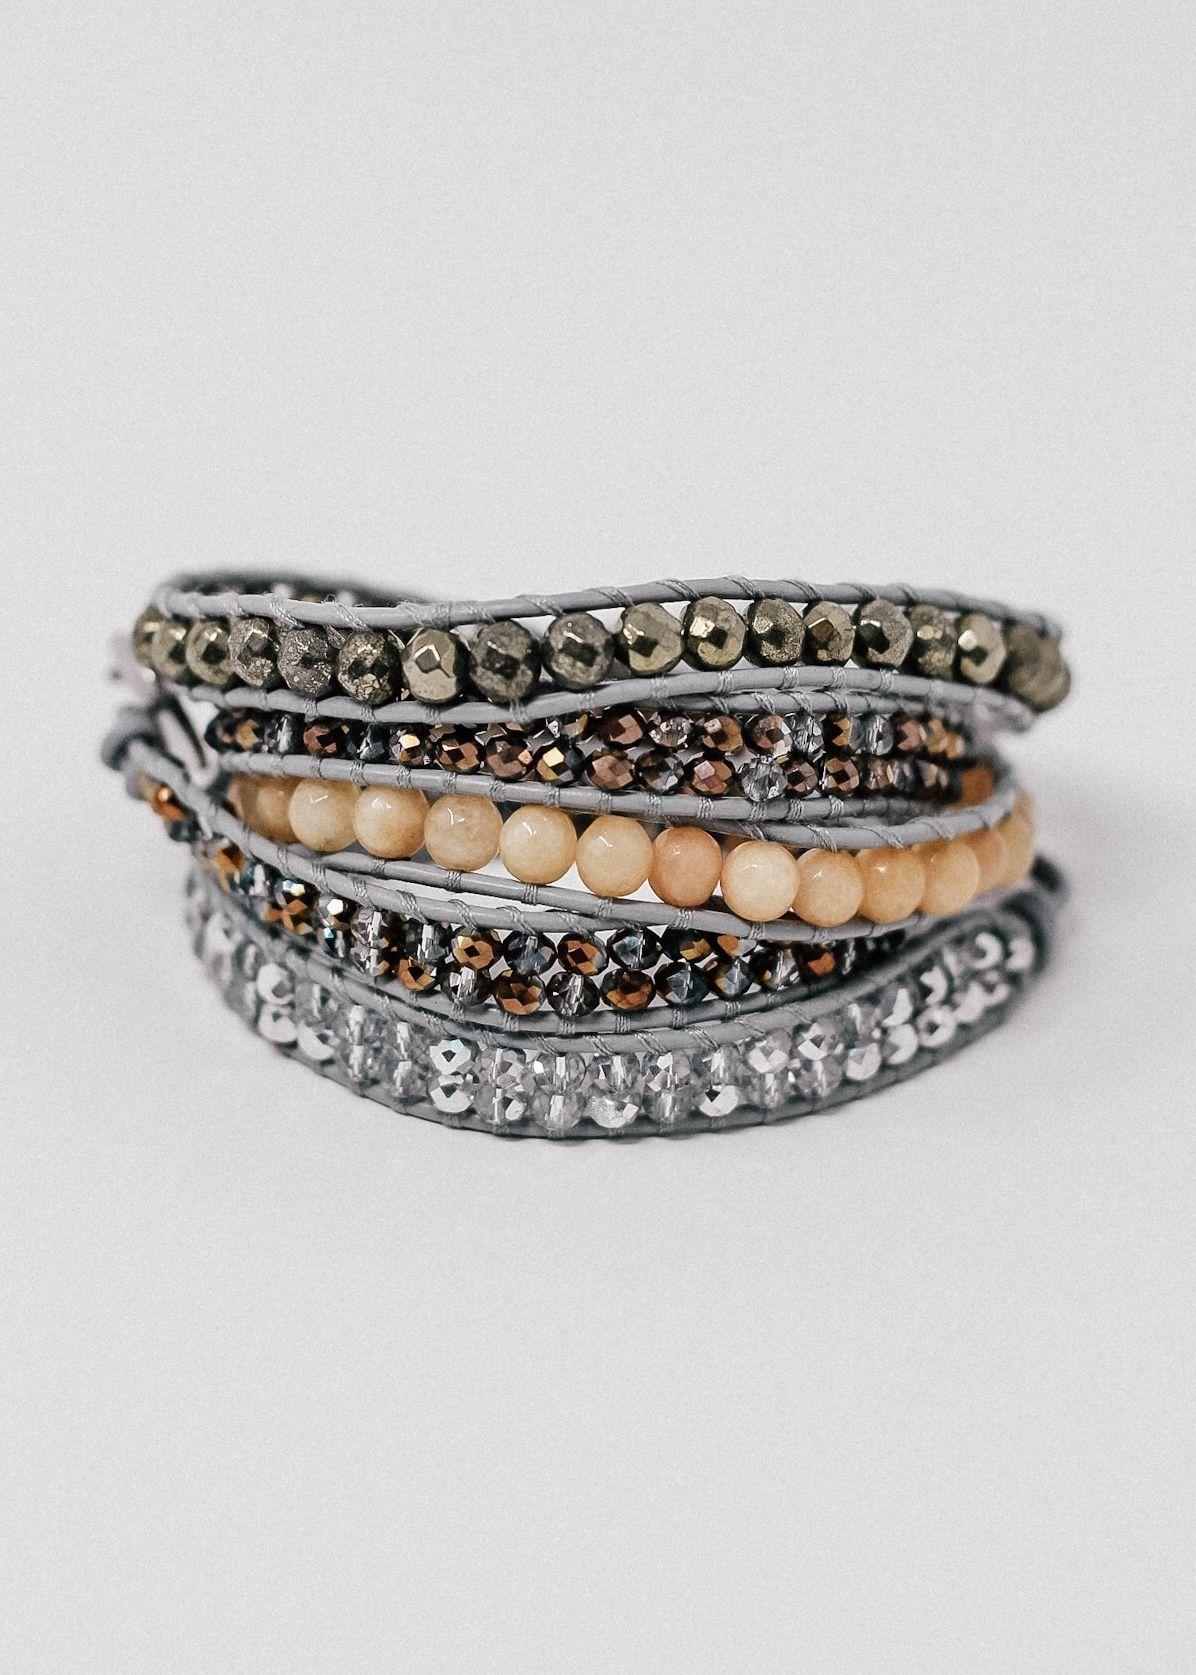 Everwear Willow Bohemian Bracelet #bohemianbedrooms